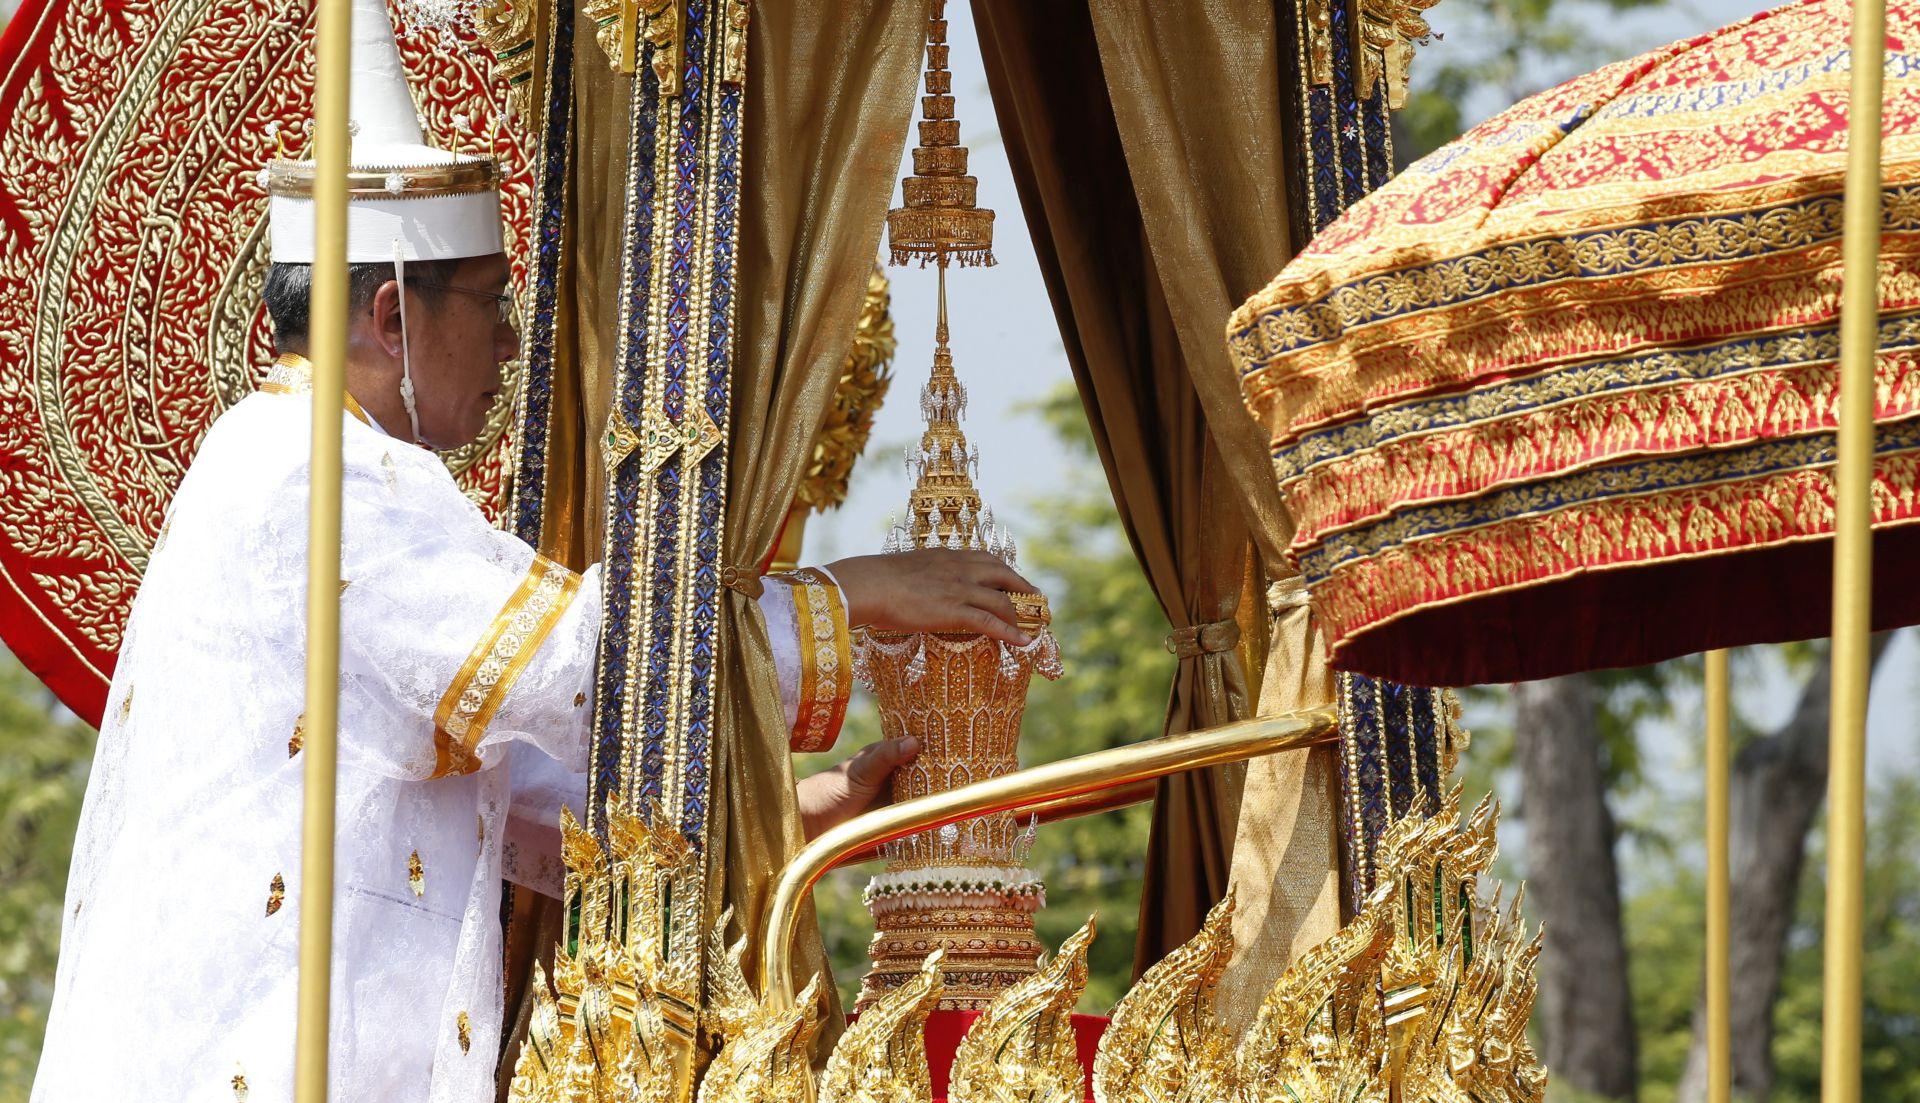 Ostaci tajlandskog kralja šarenom procesijom dopraćeni do Kraljevske palače